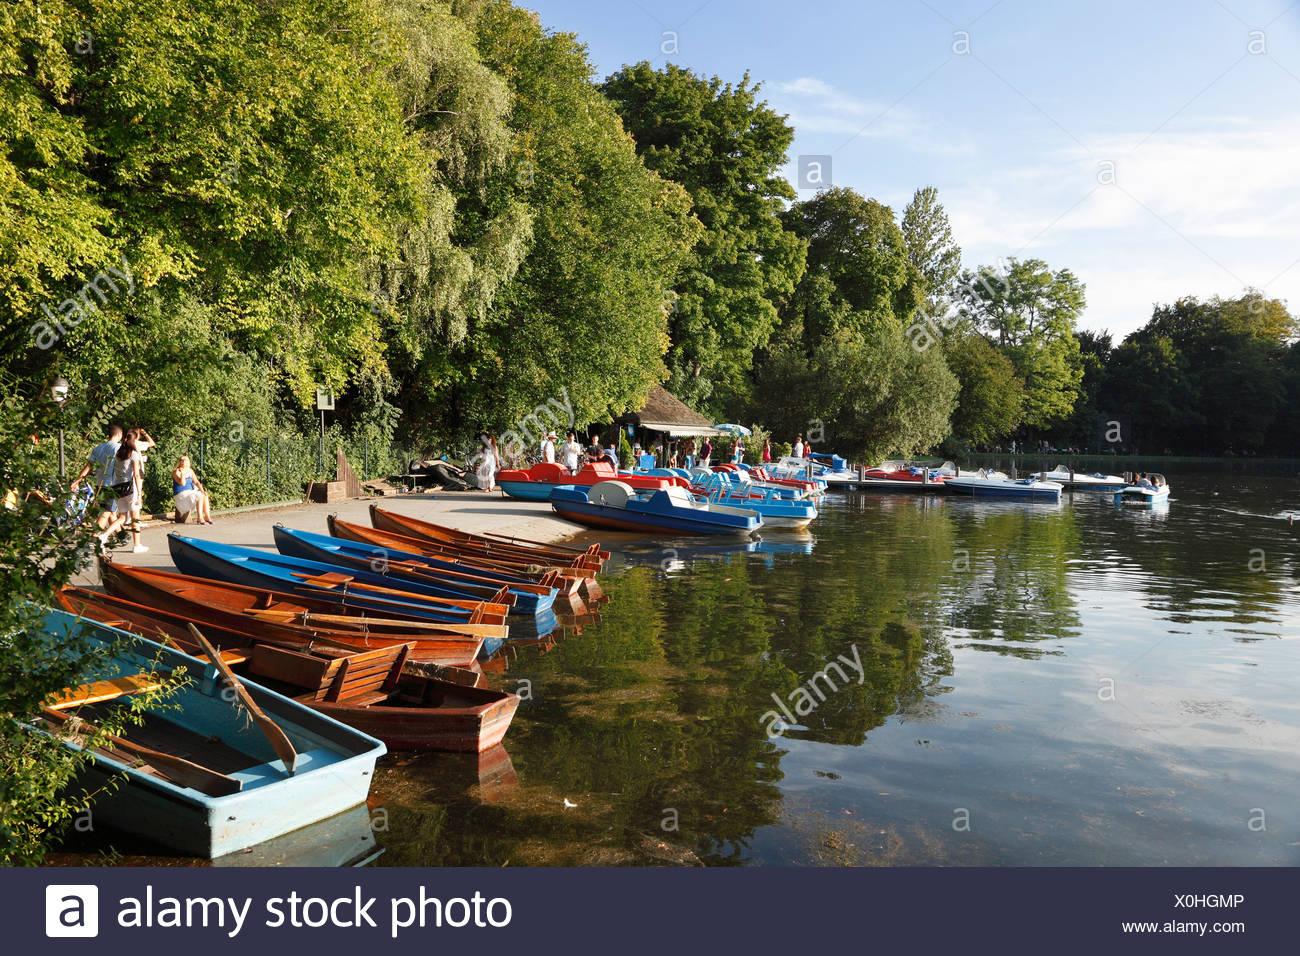 Seehaus Im Englischen Garten Schön Boat Rental Kleinhesseloher See Lake Englischer Garten